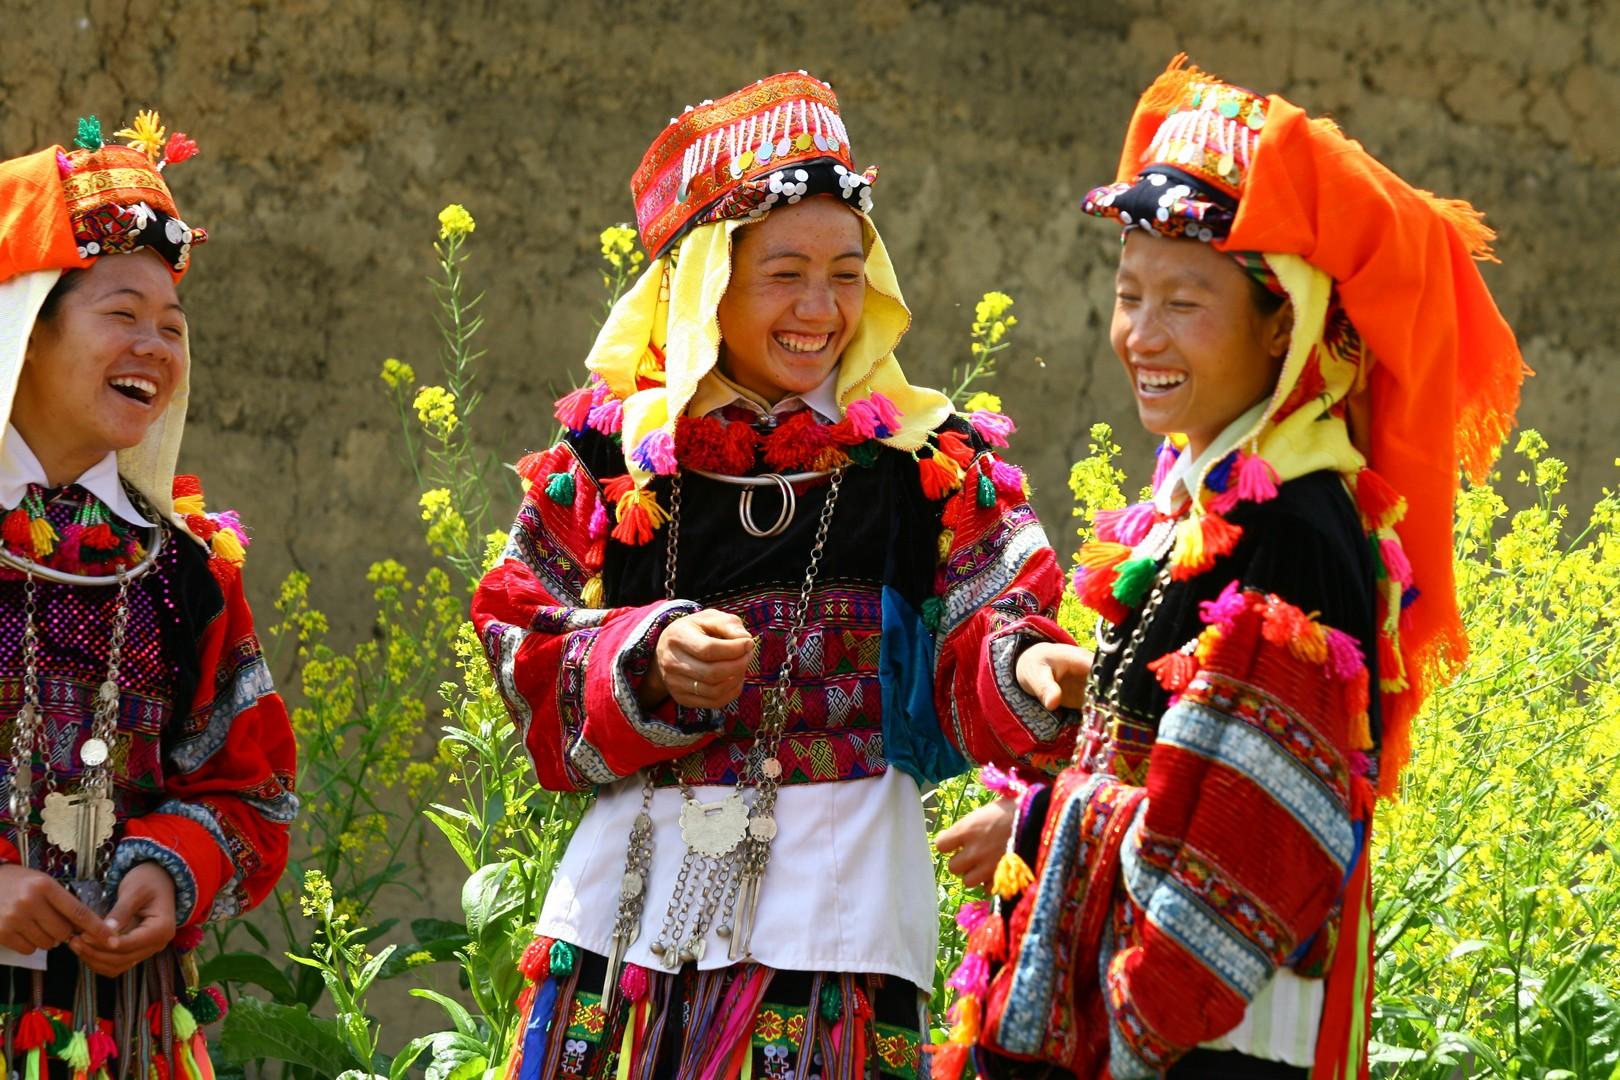 Tên các dân tộc Việt Nam theo tiếng Trung